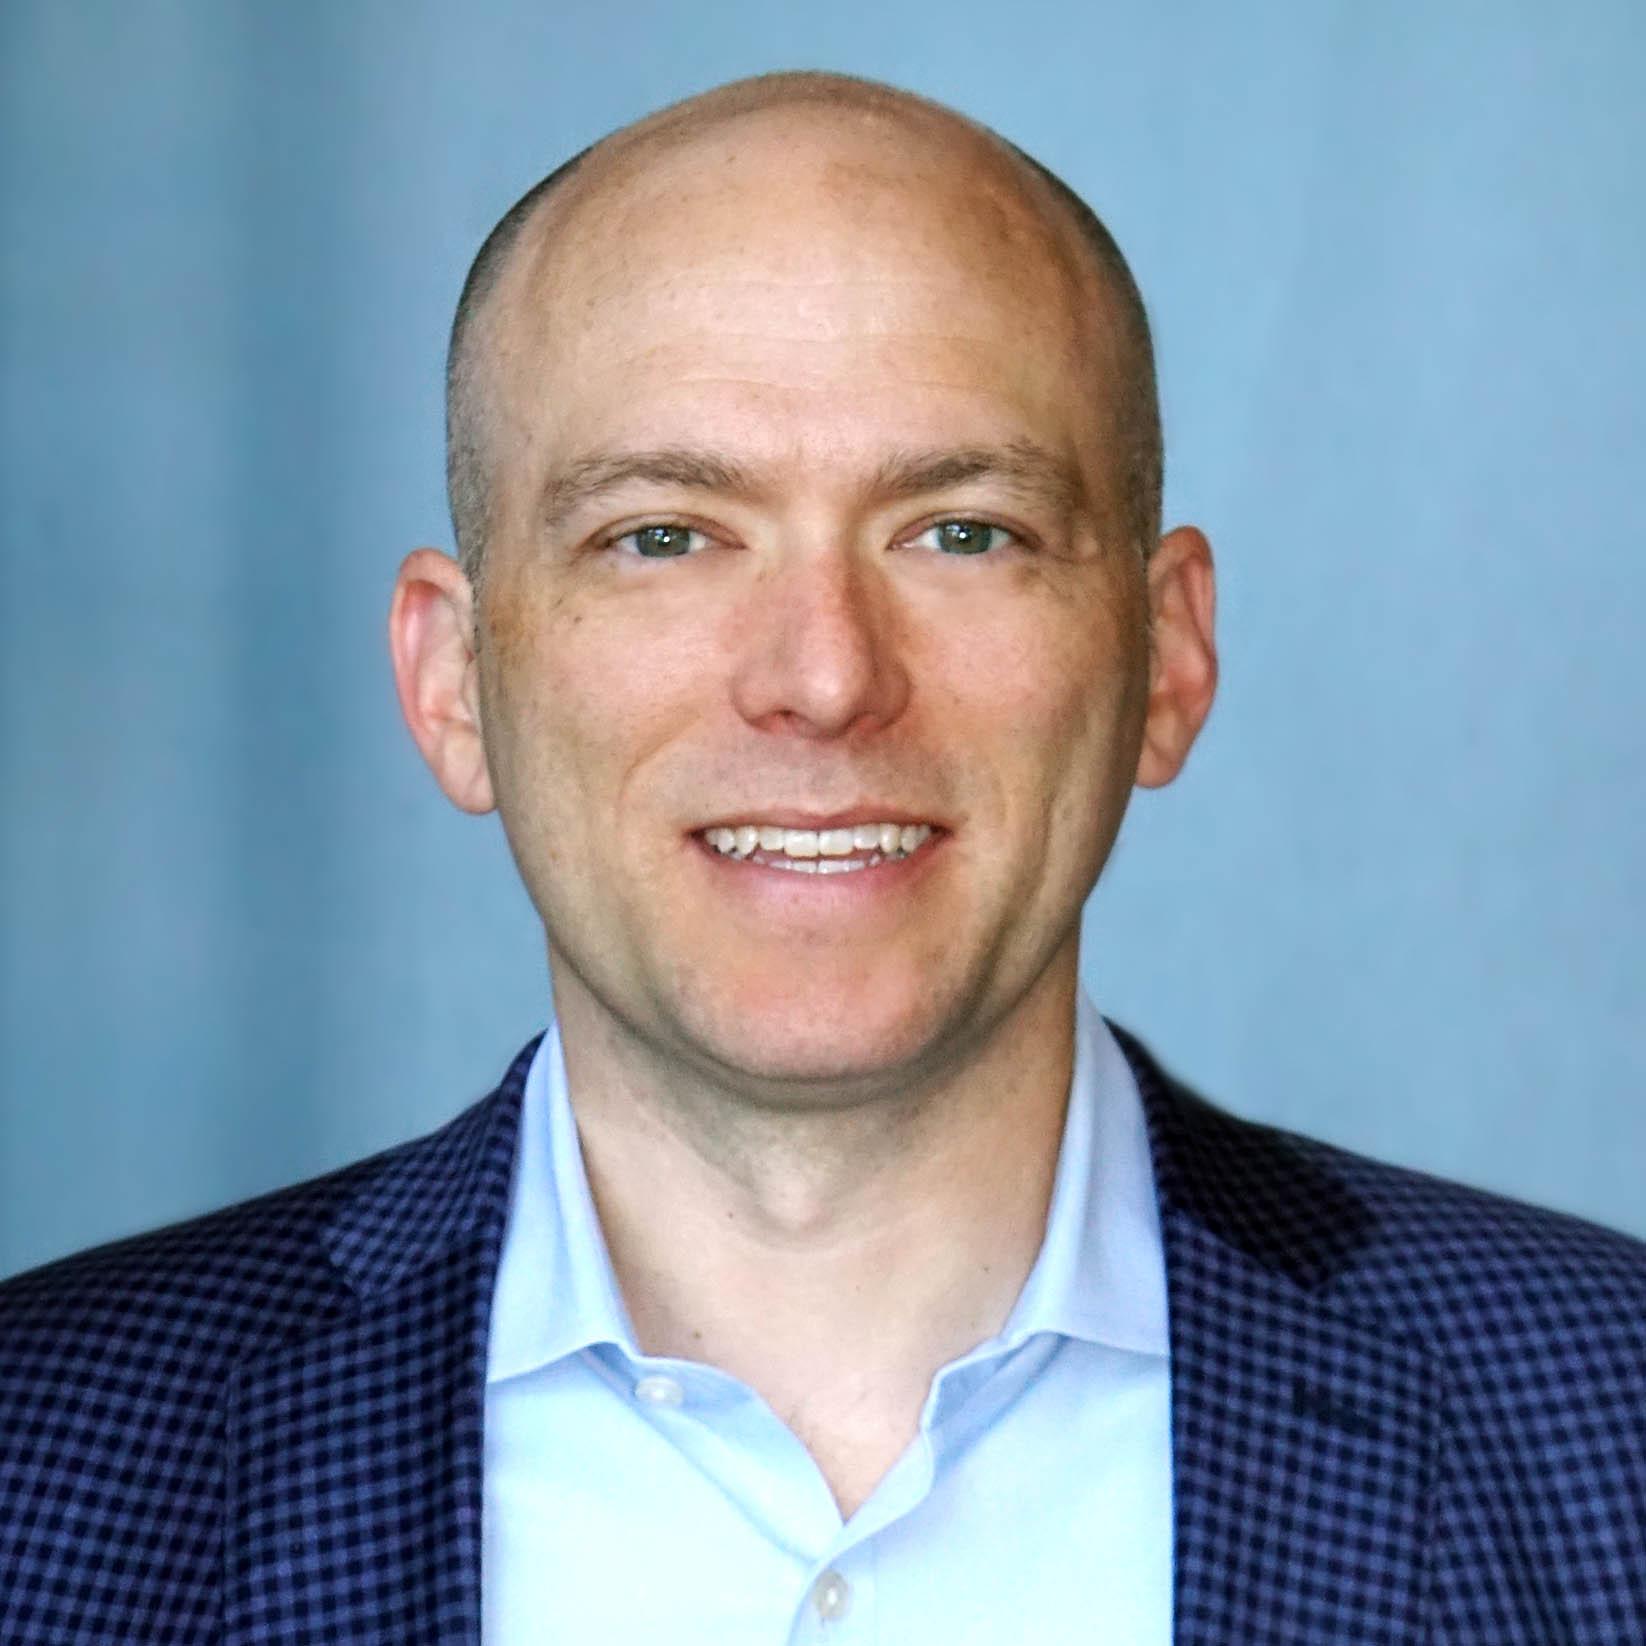 Chris Kerckhoff